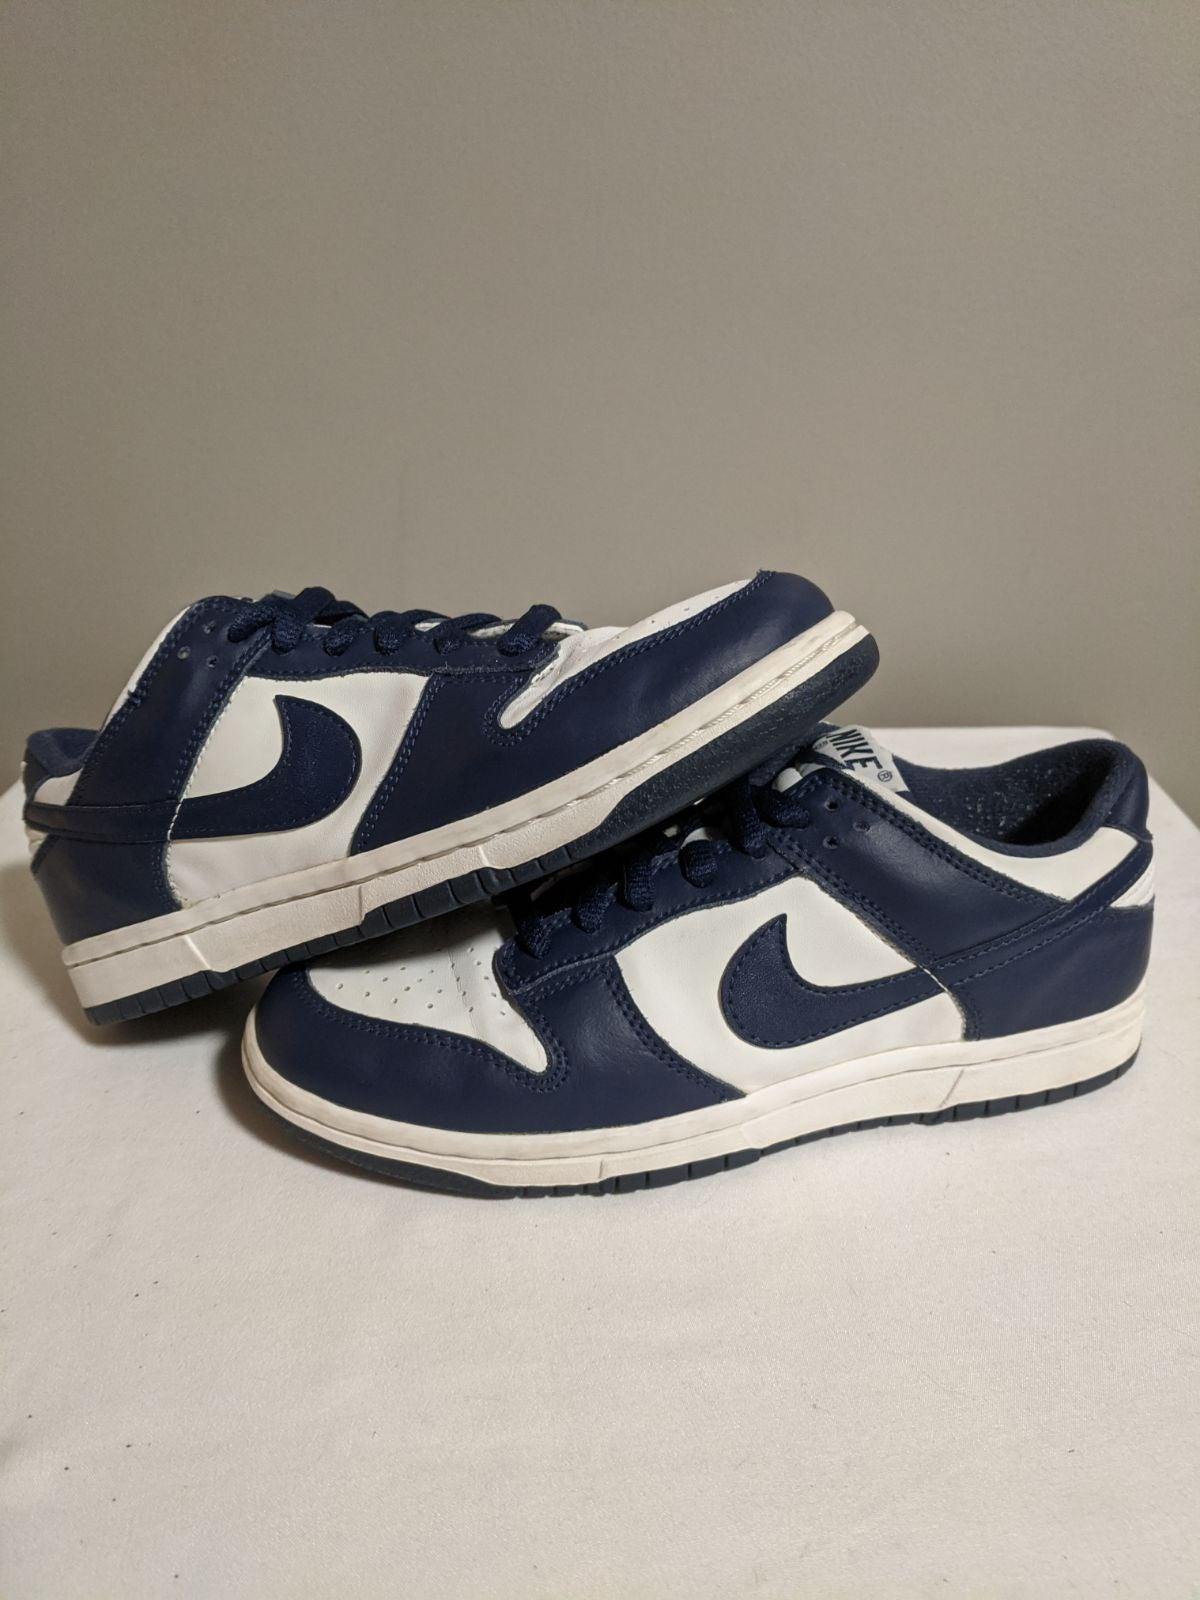 Nike dunk low Villanova navy sz 5.5